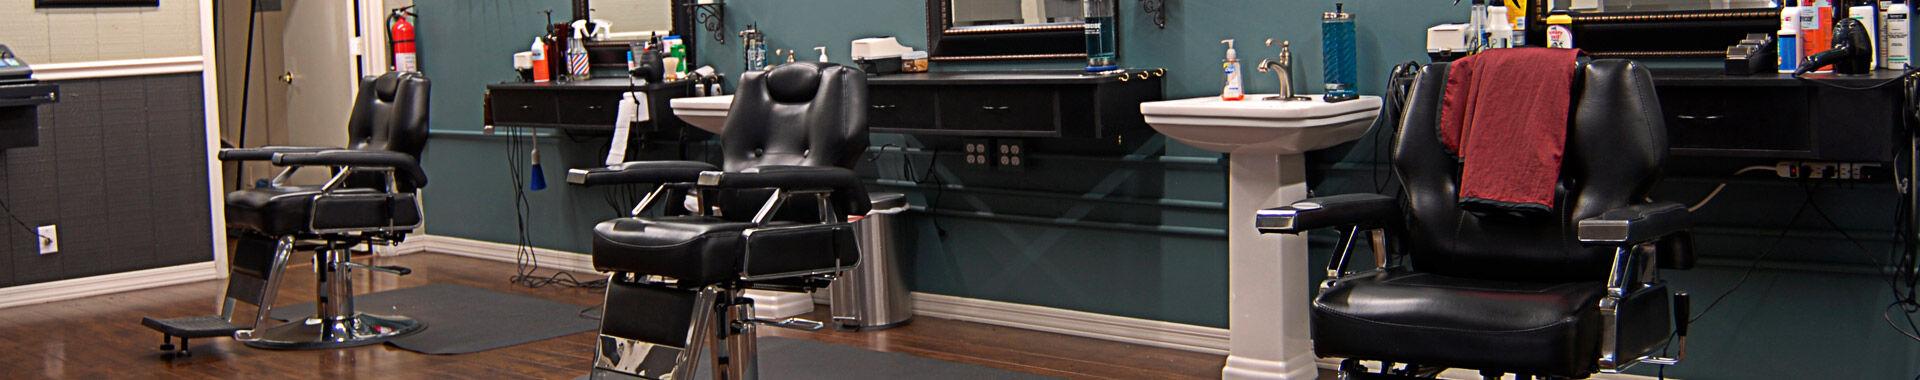 Barbershop kellékek és berendezések Eszközök, kiegészítők